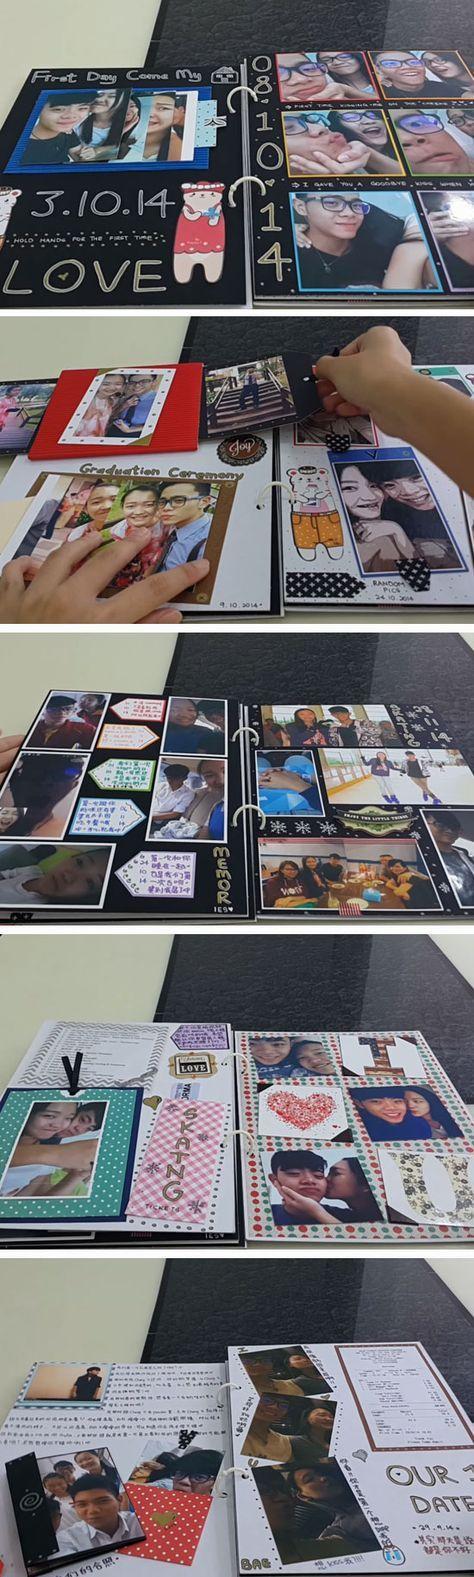 Handmade Scrapbook   23 DIY Valentines Crafts for Boyfriend                                                                                                                                                                                 More